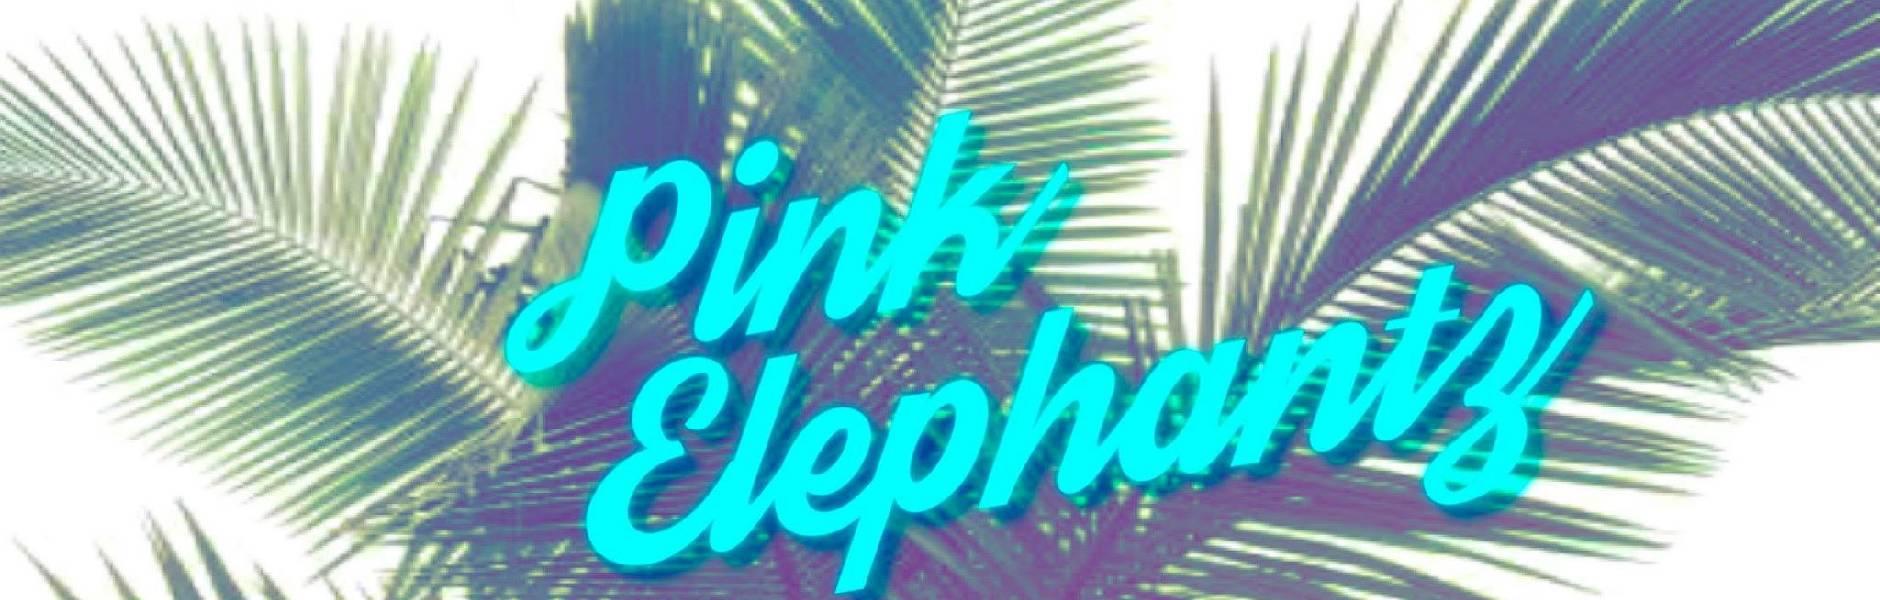 Pink Elephantz